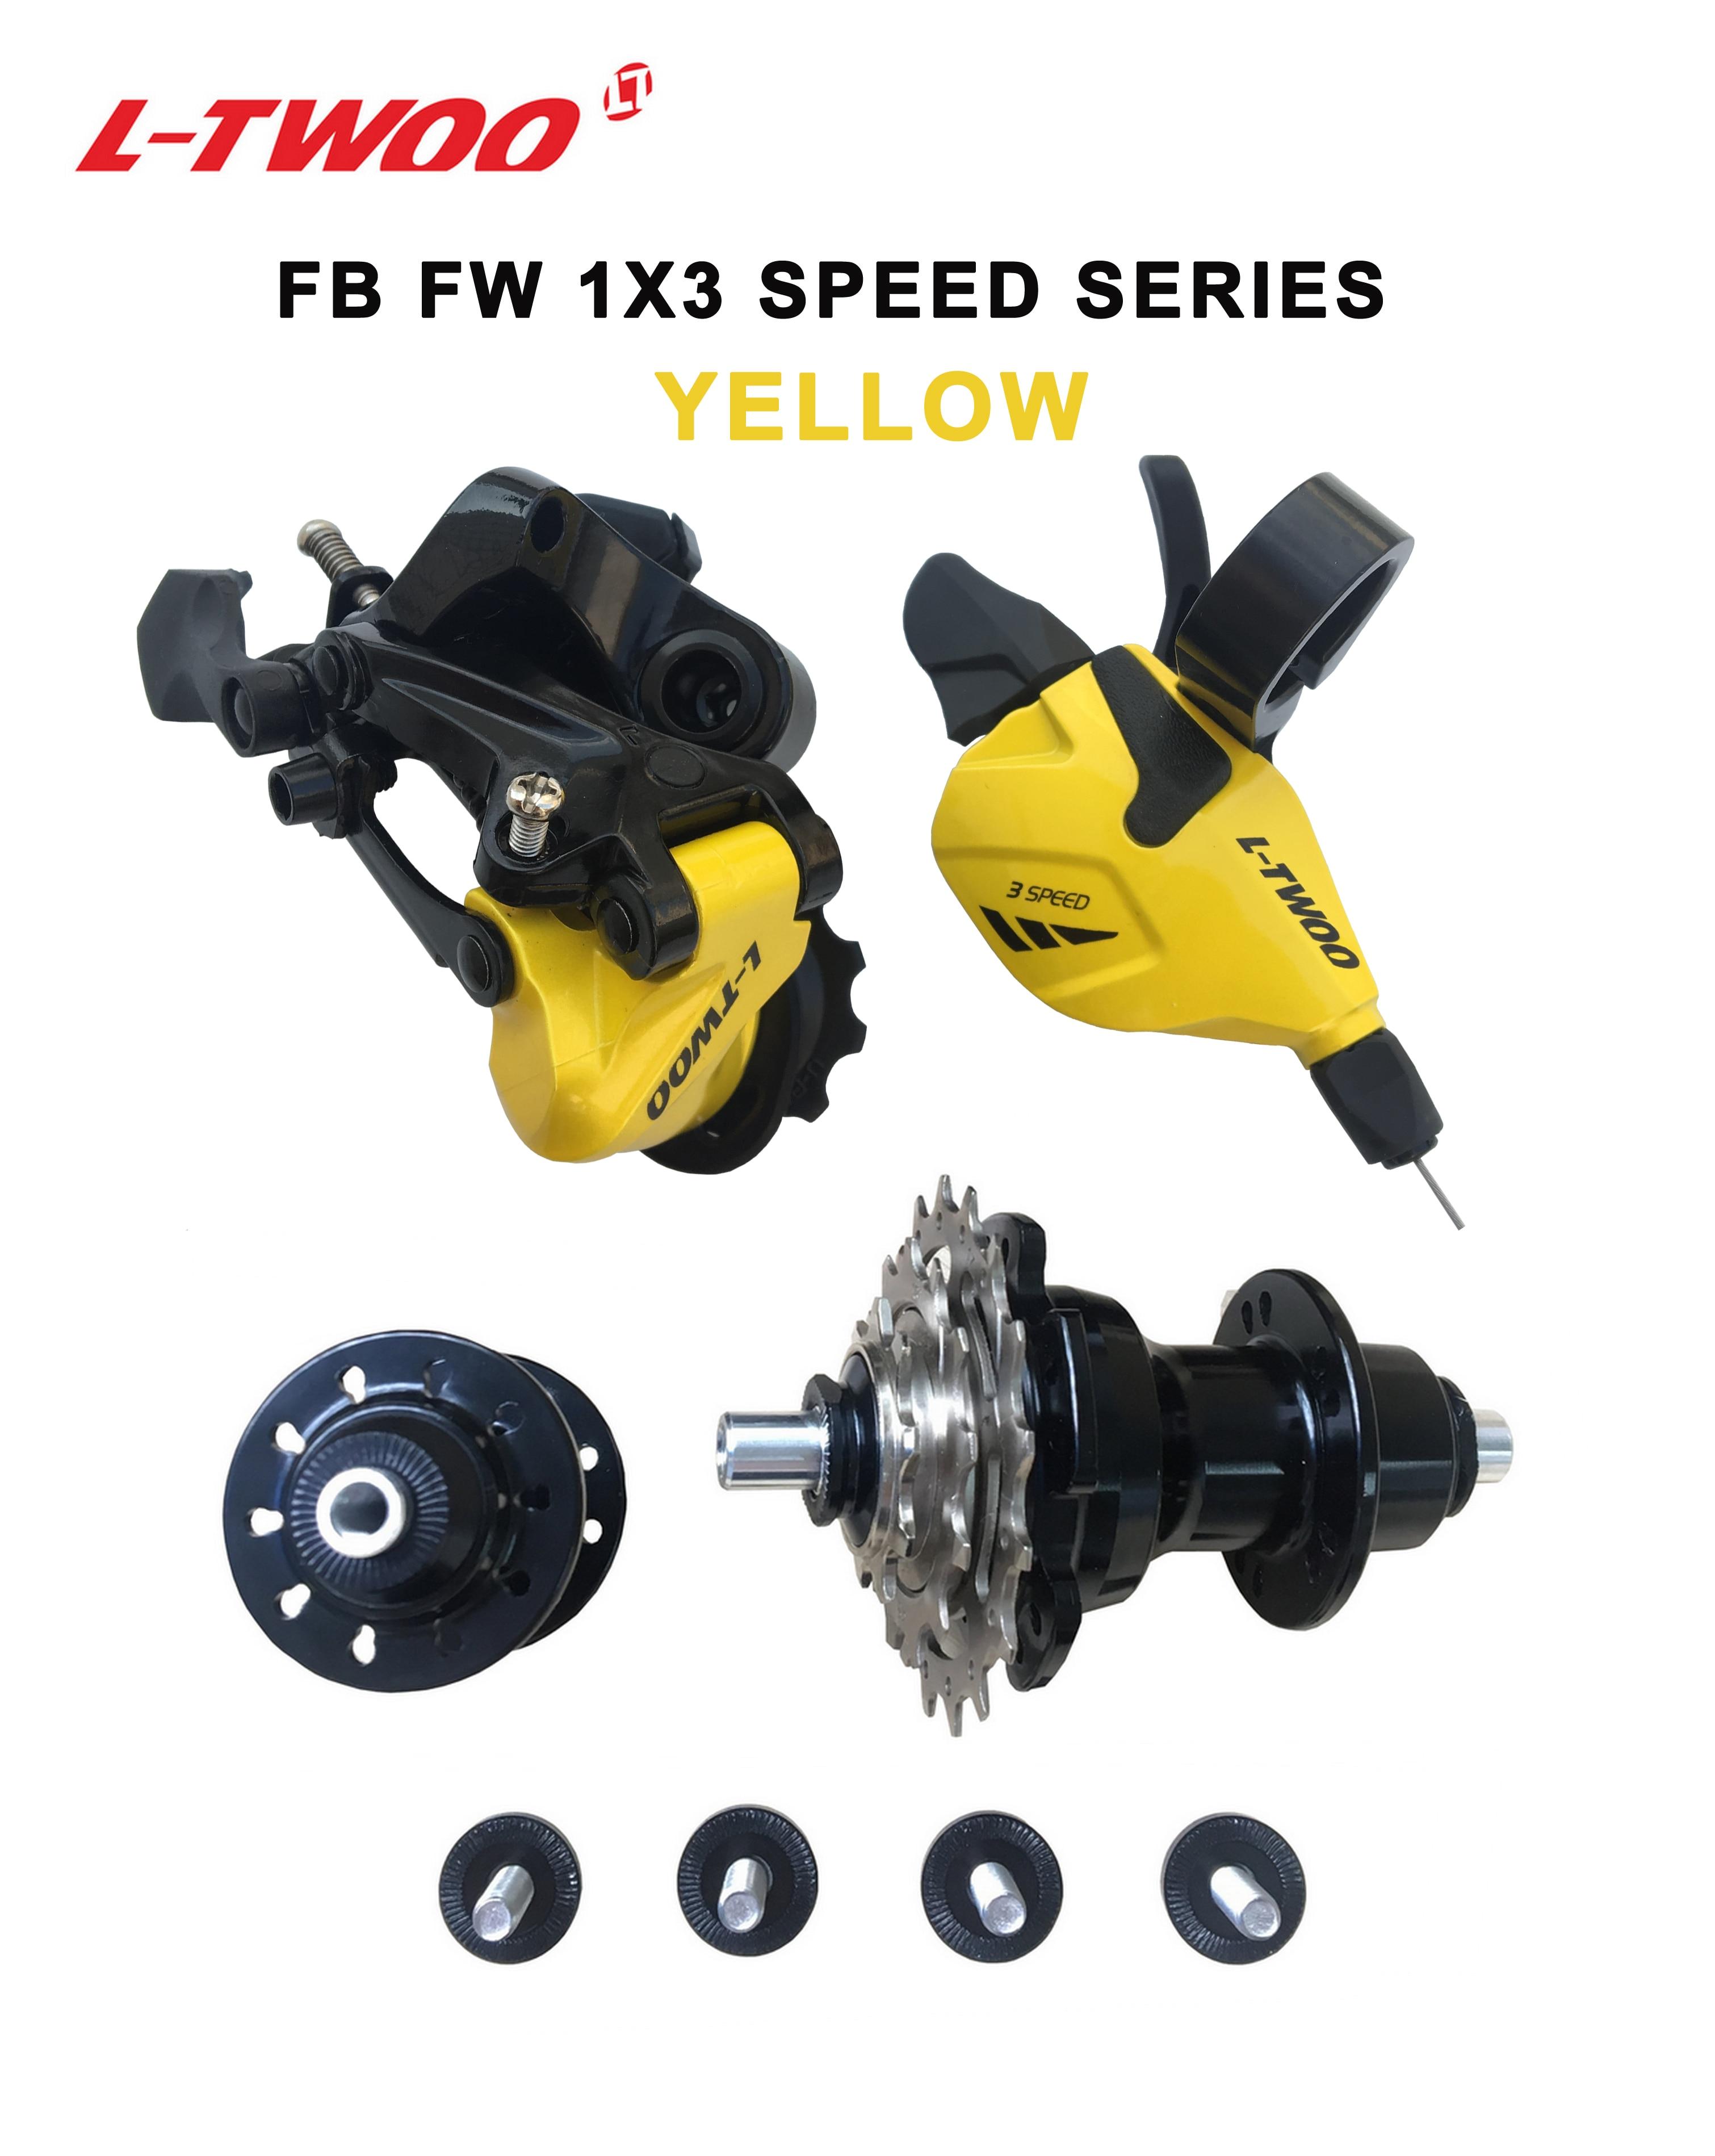 LTWOO Klapp Fahrrad Schaltwerk groupset, shift/RD/F & R Hub/CS 3 stücke enthalten, Schwarz und Grau farbe, licht gewicht, schnell